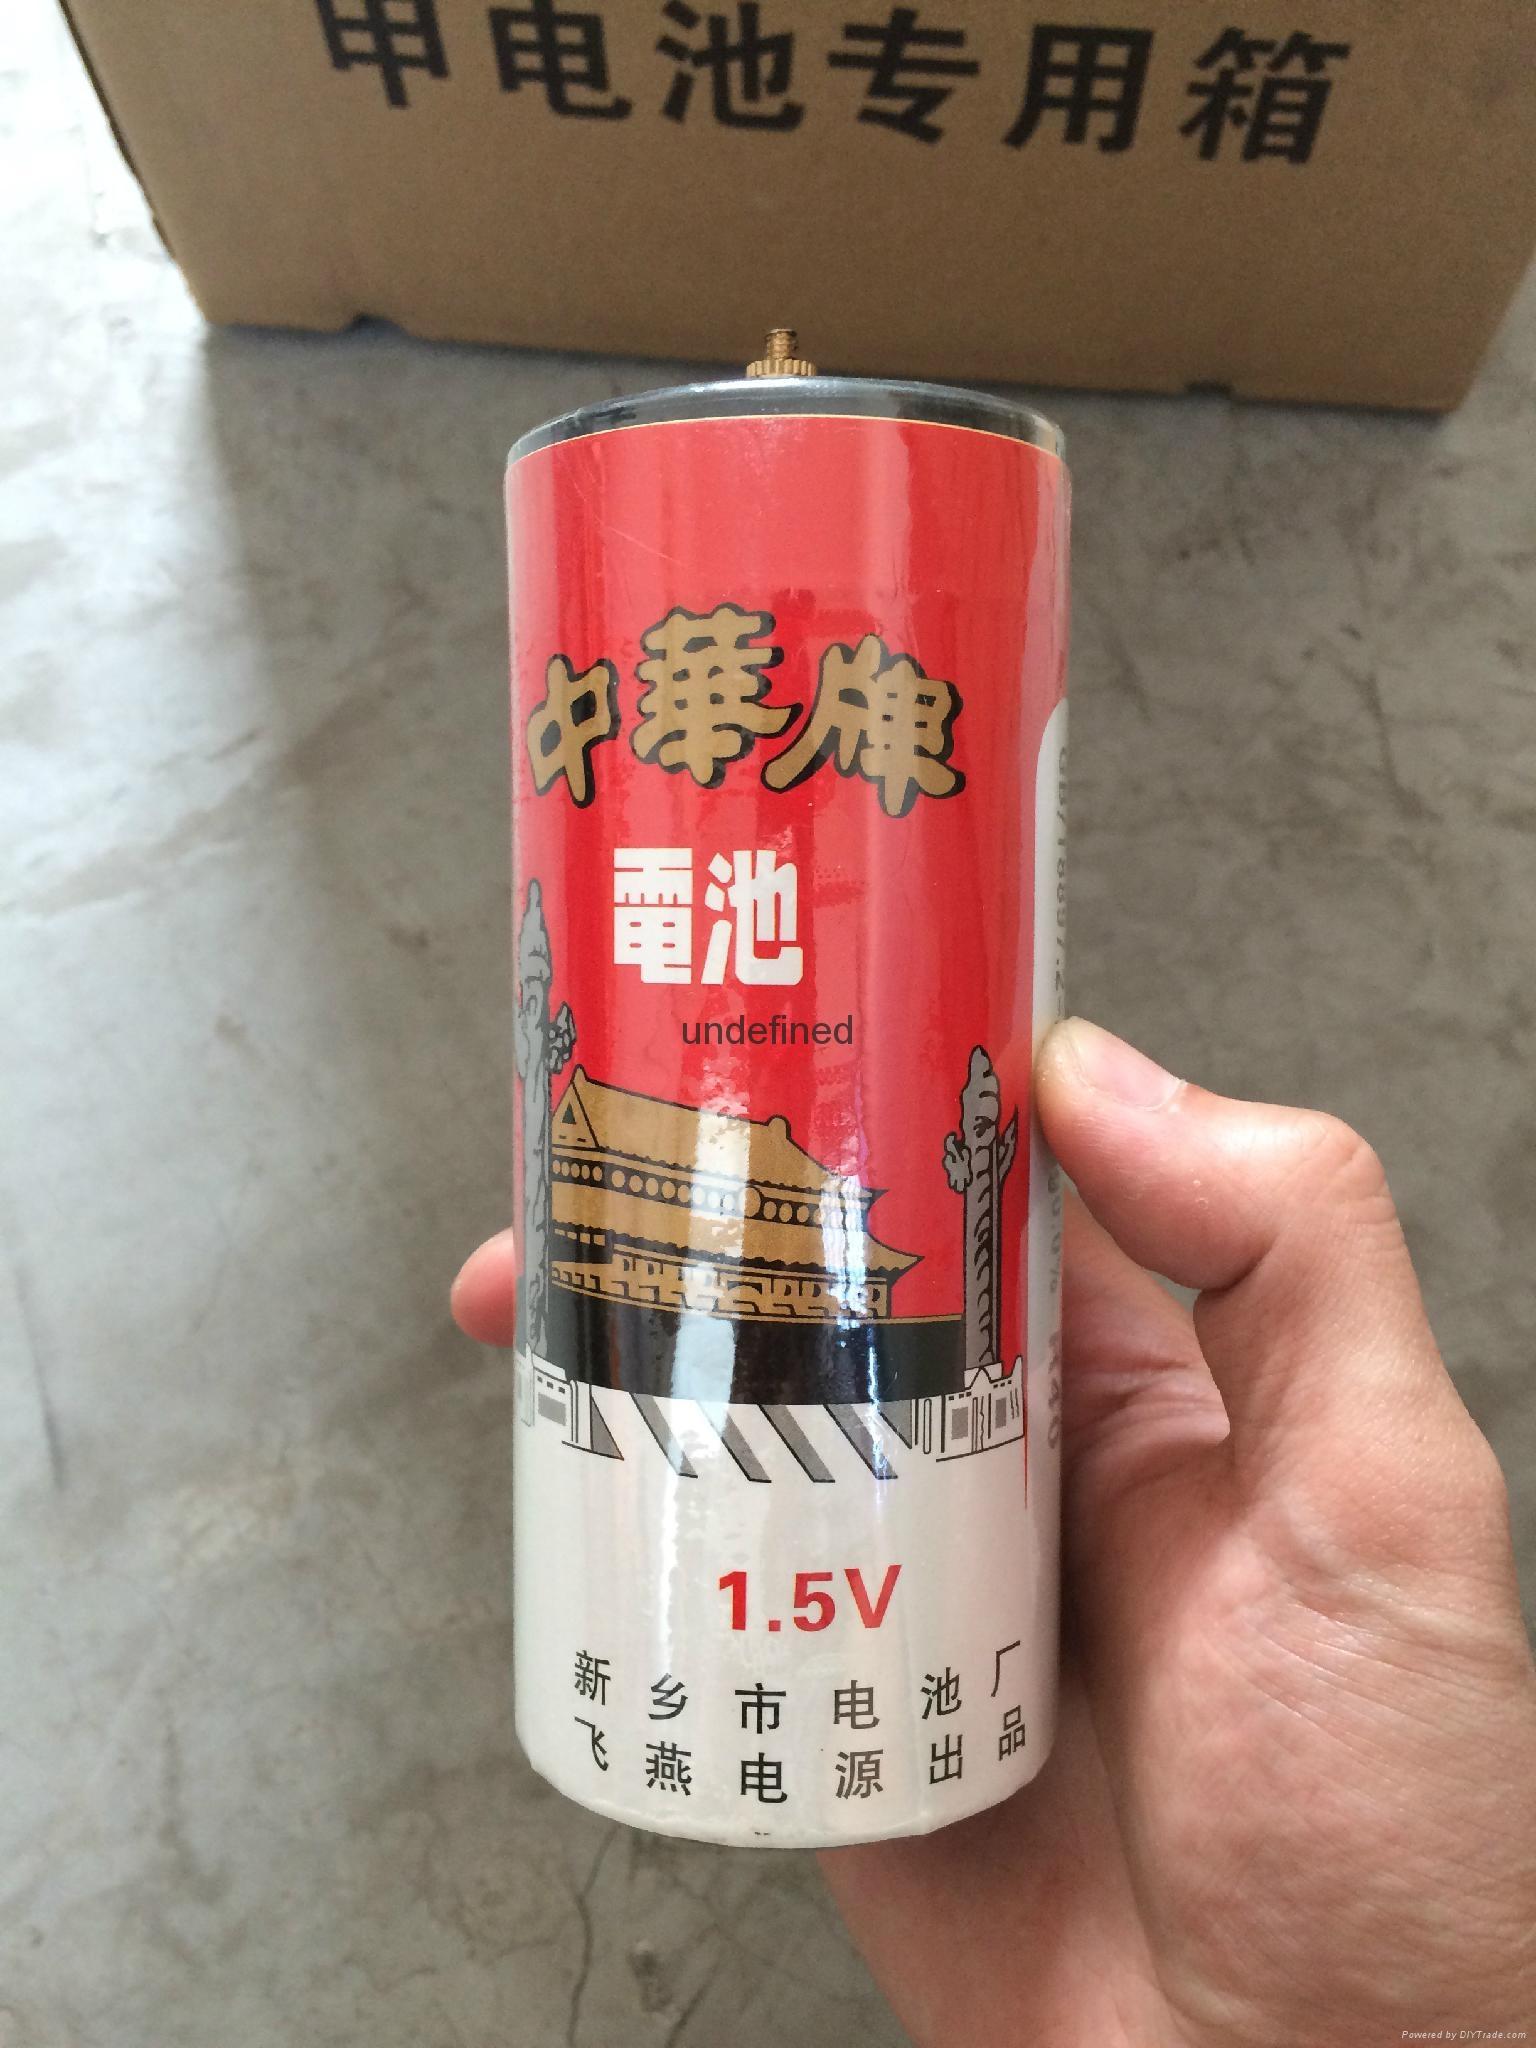 中华牌1.5V甲电池R40 3